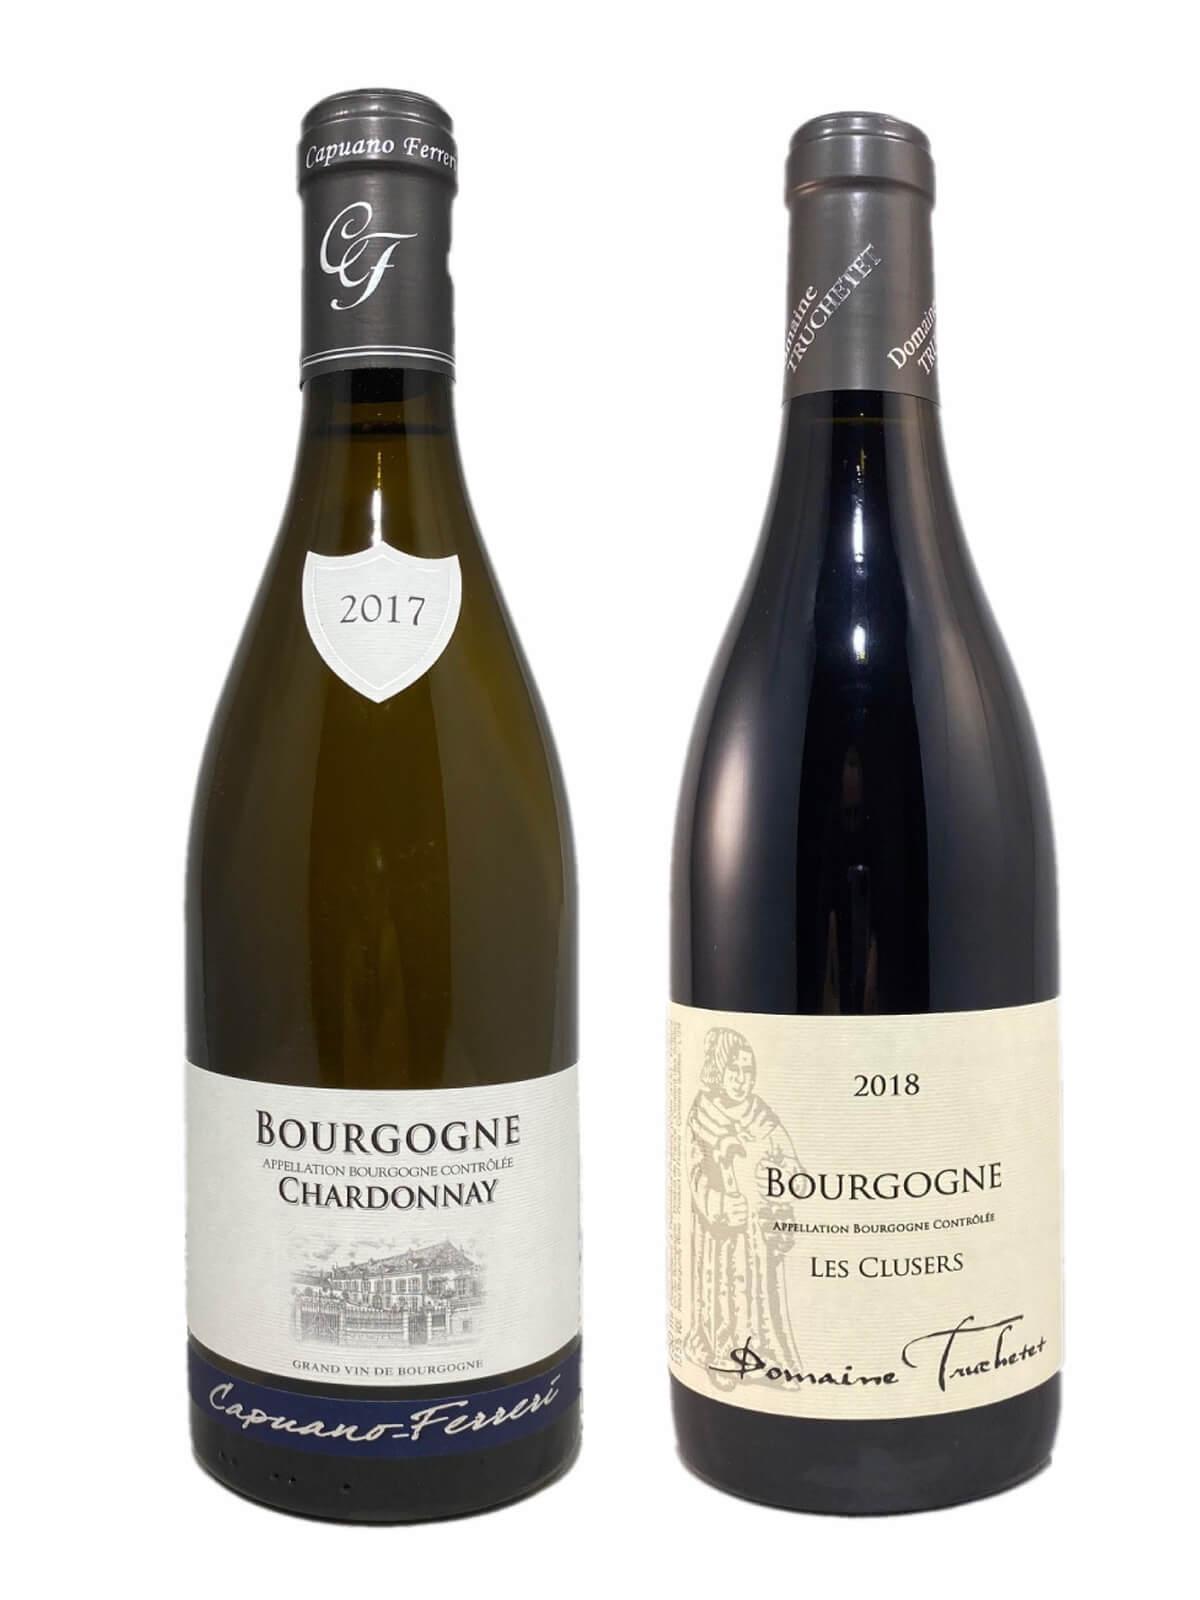 Coffret Découverte 2 bouteilles de Bourgogne : un Rouge et un Blanc